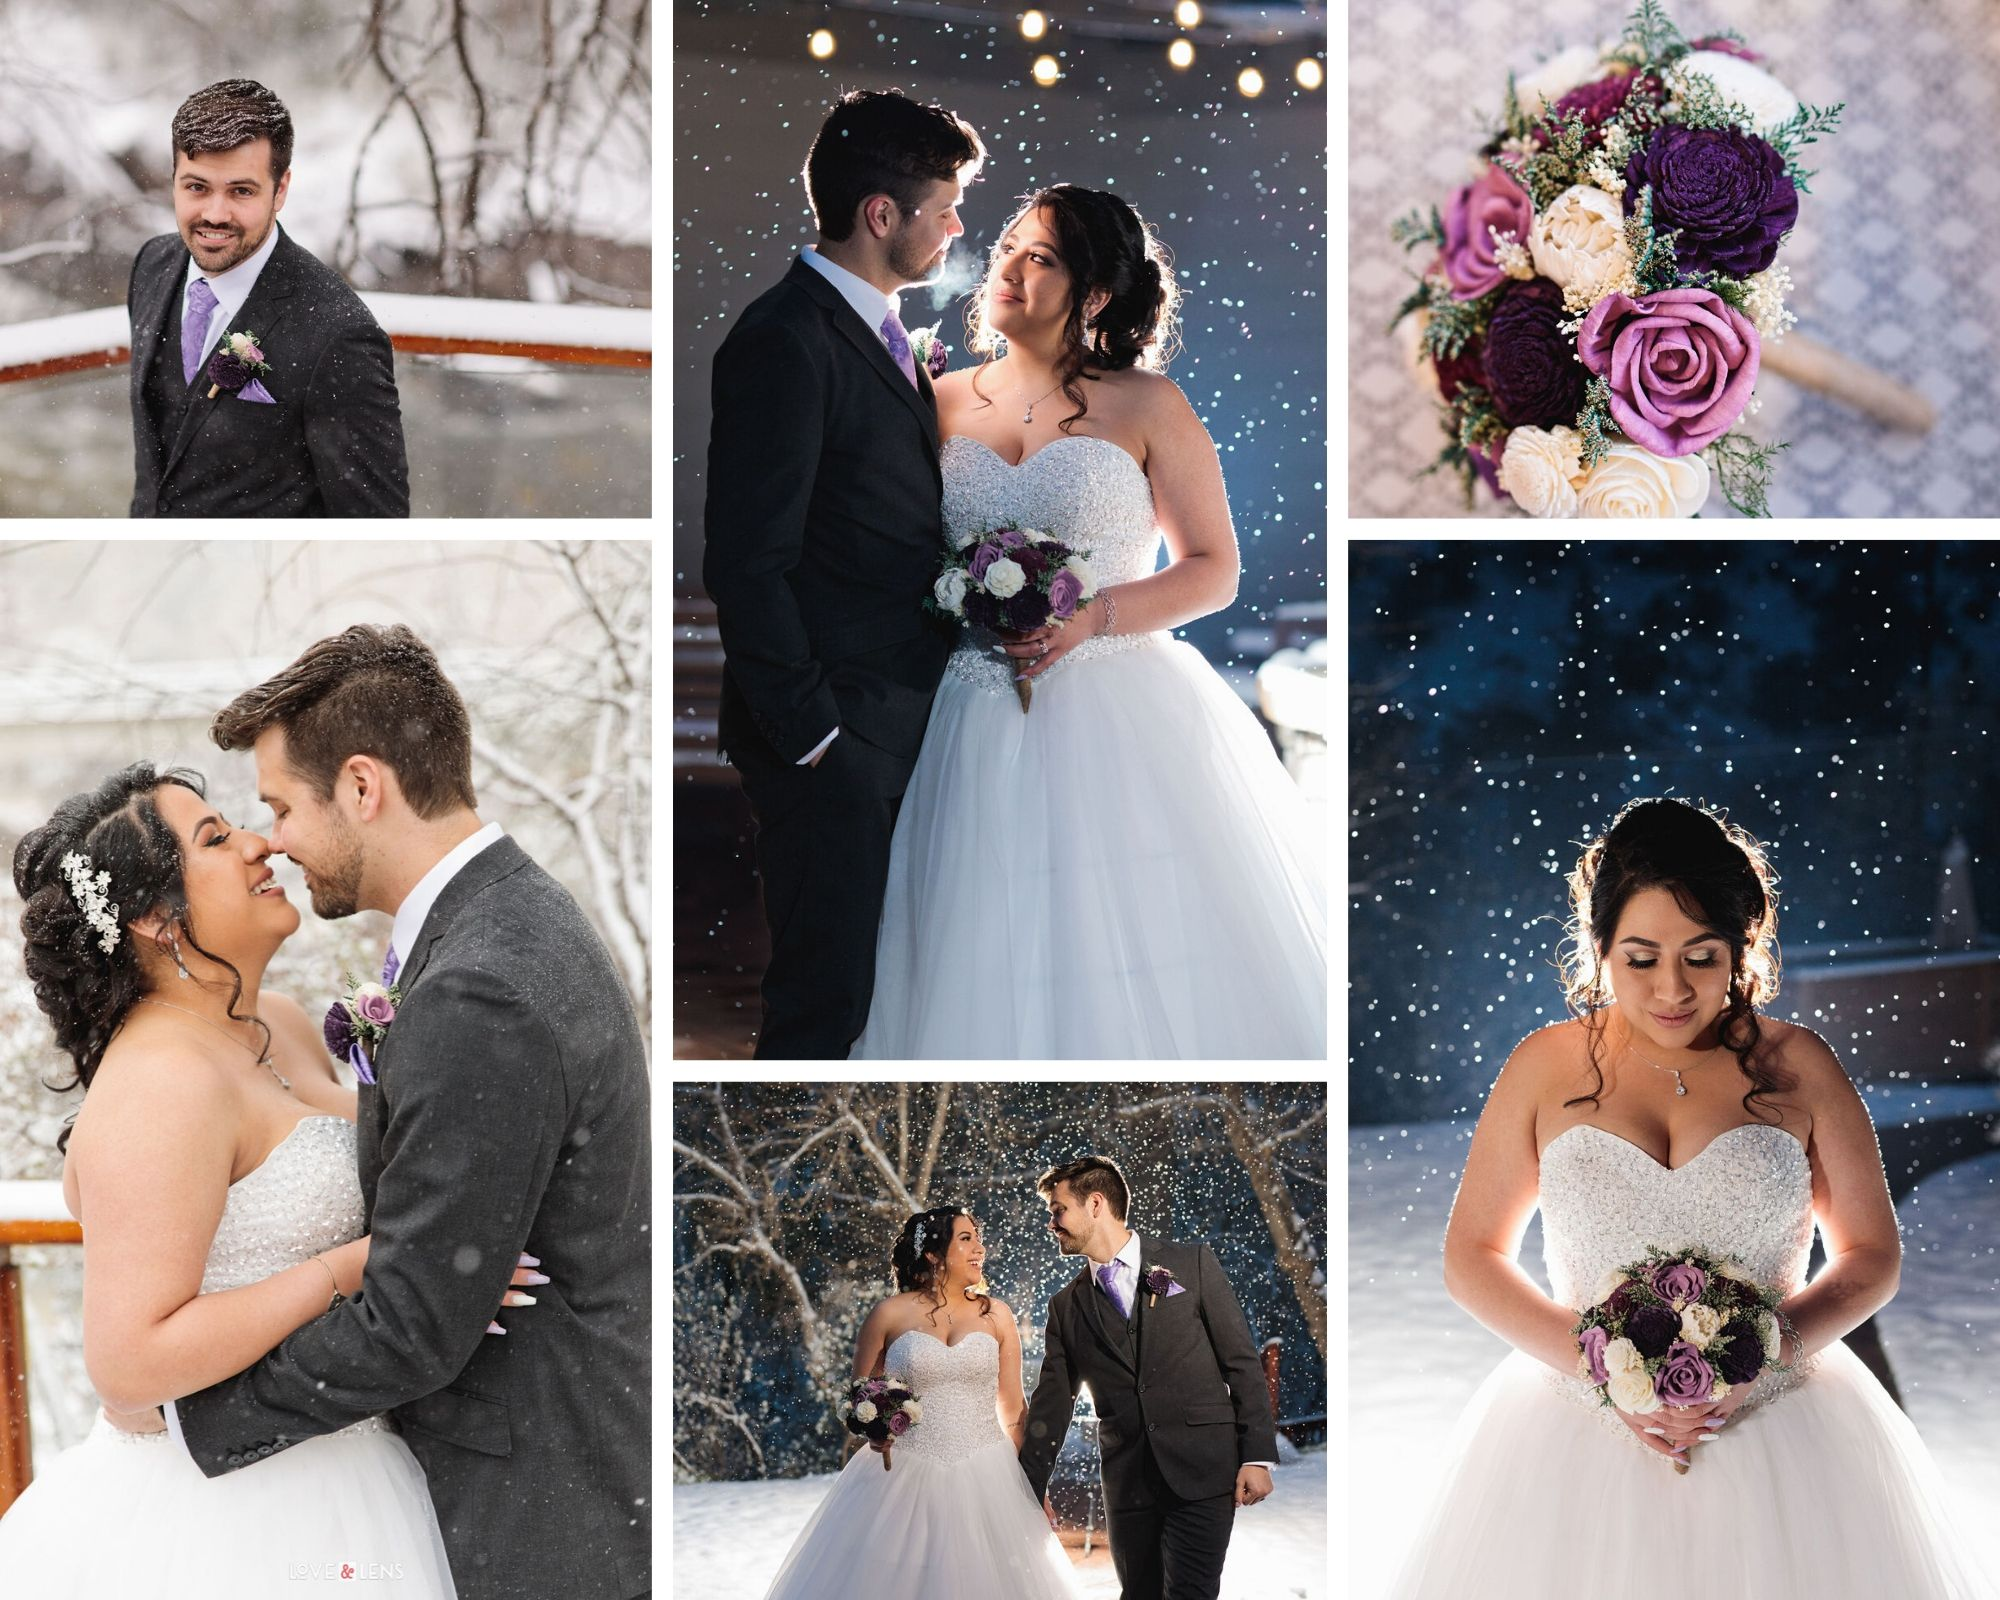 Snowy Magical Wedding at Boulder Creek in Colorado